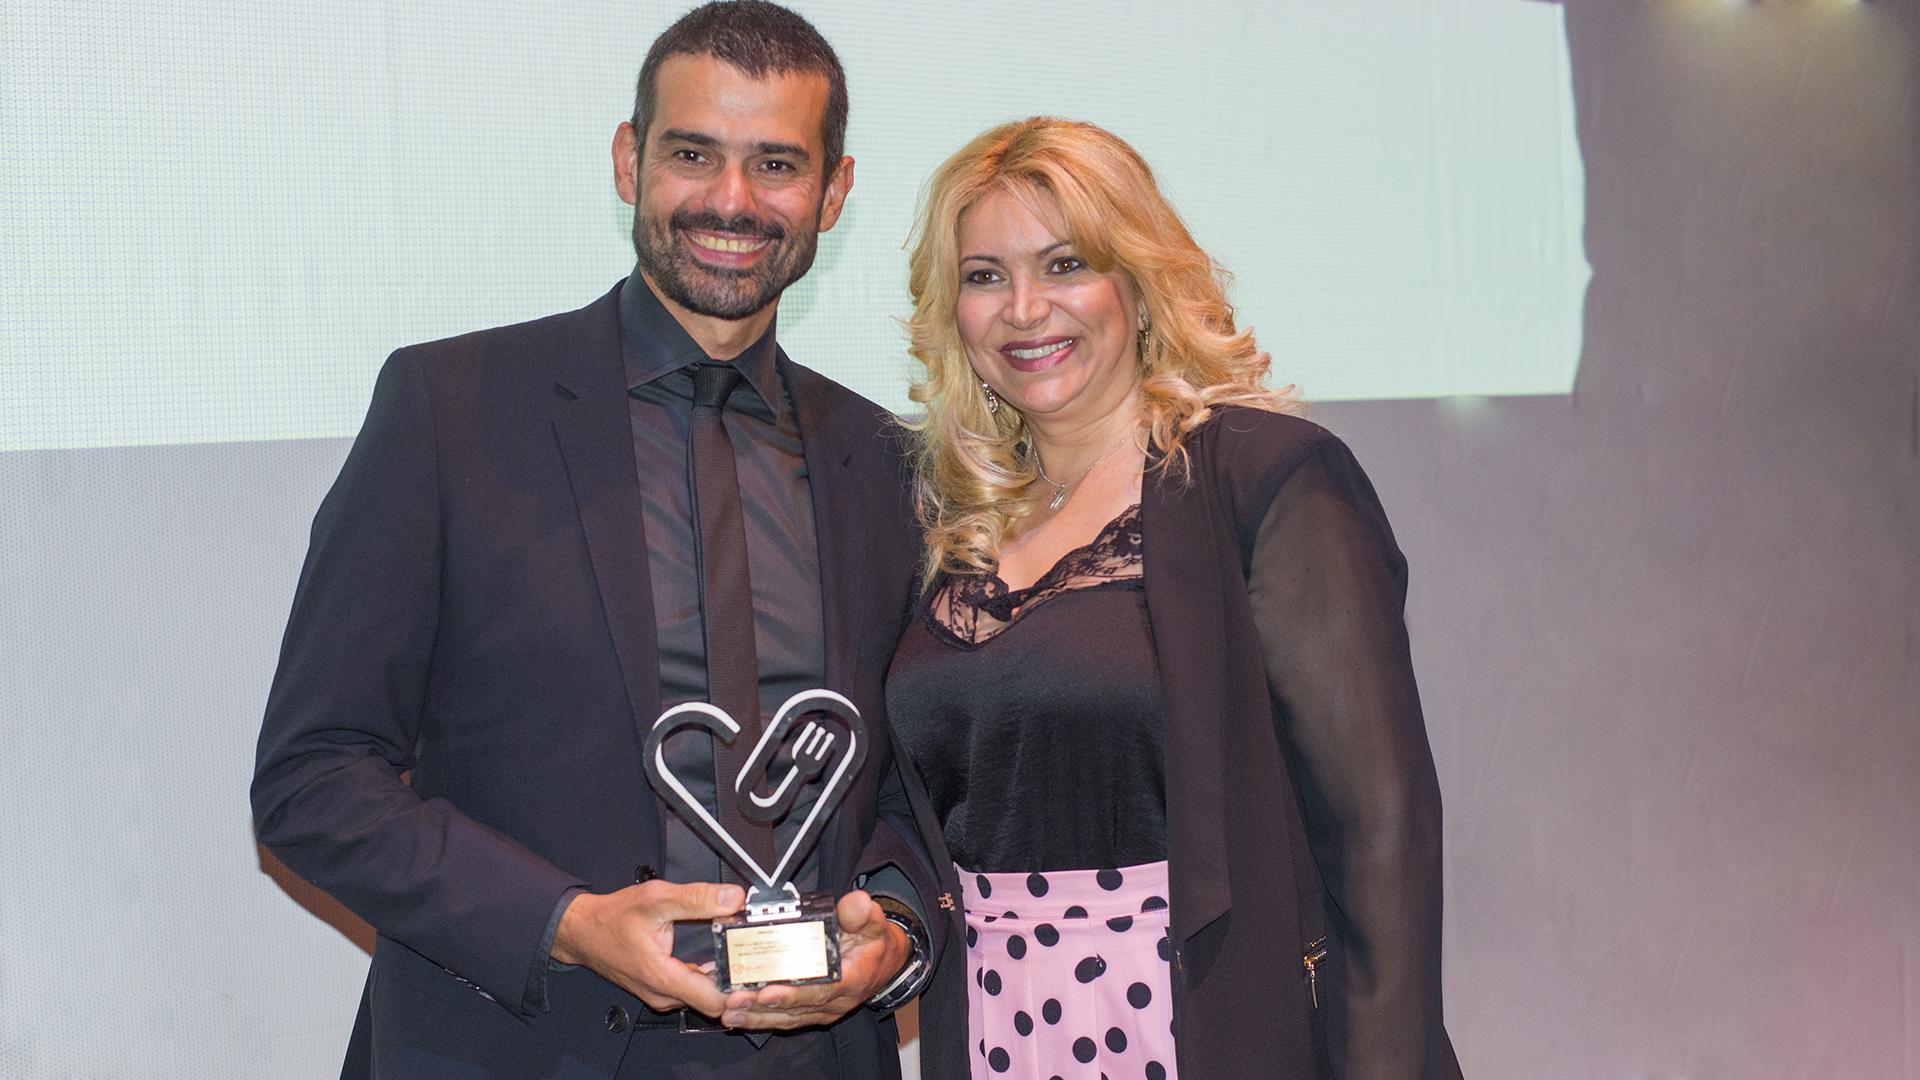 Enrique Sánchez Premio A La Mejor Trayectoria Como Presentador De Programas De Salud Saludfestival